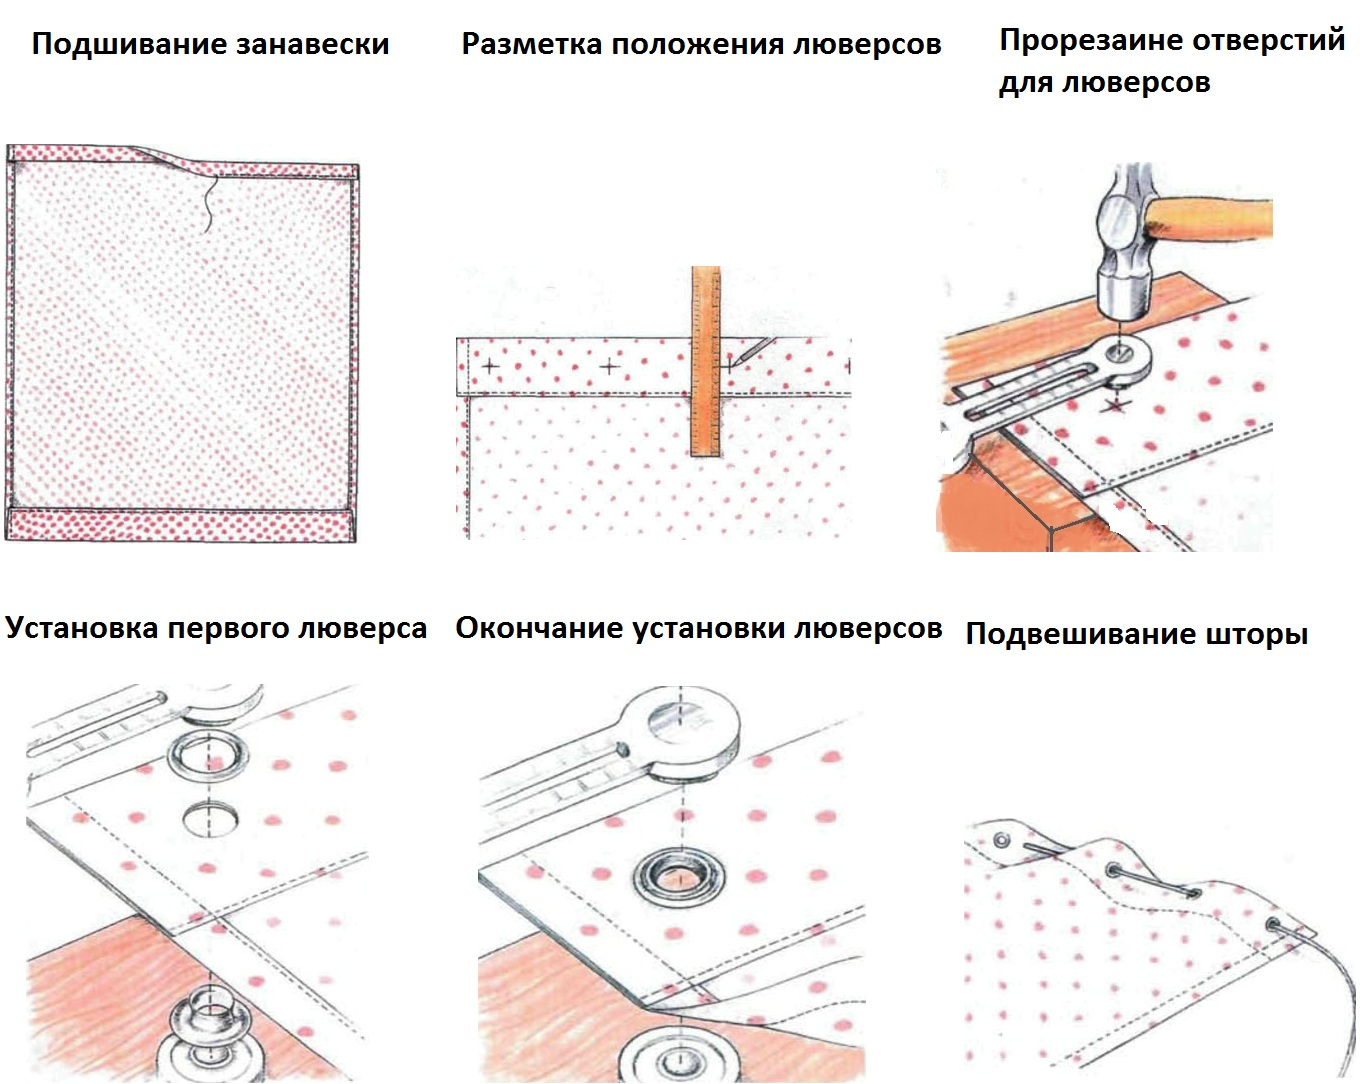 Изготовление шторы на люверсах